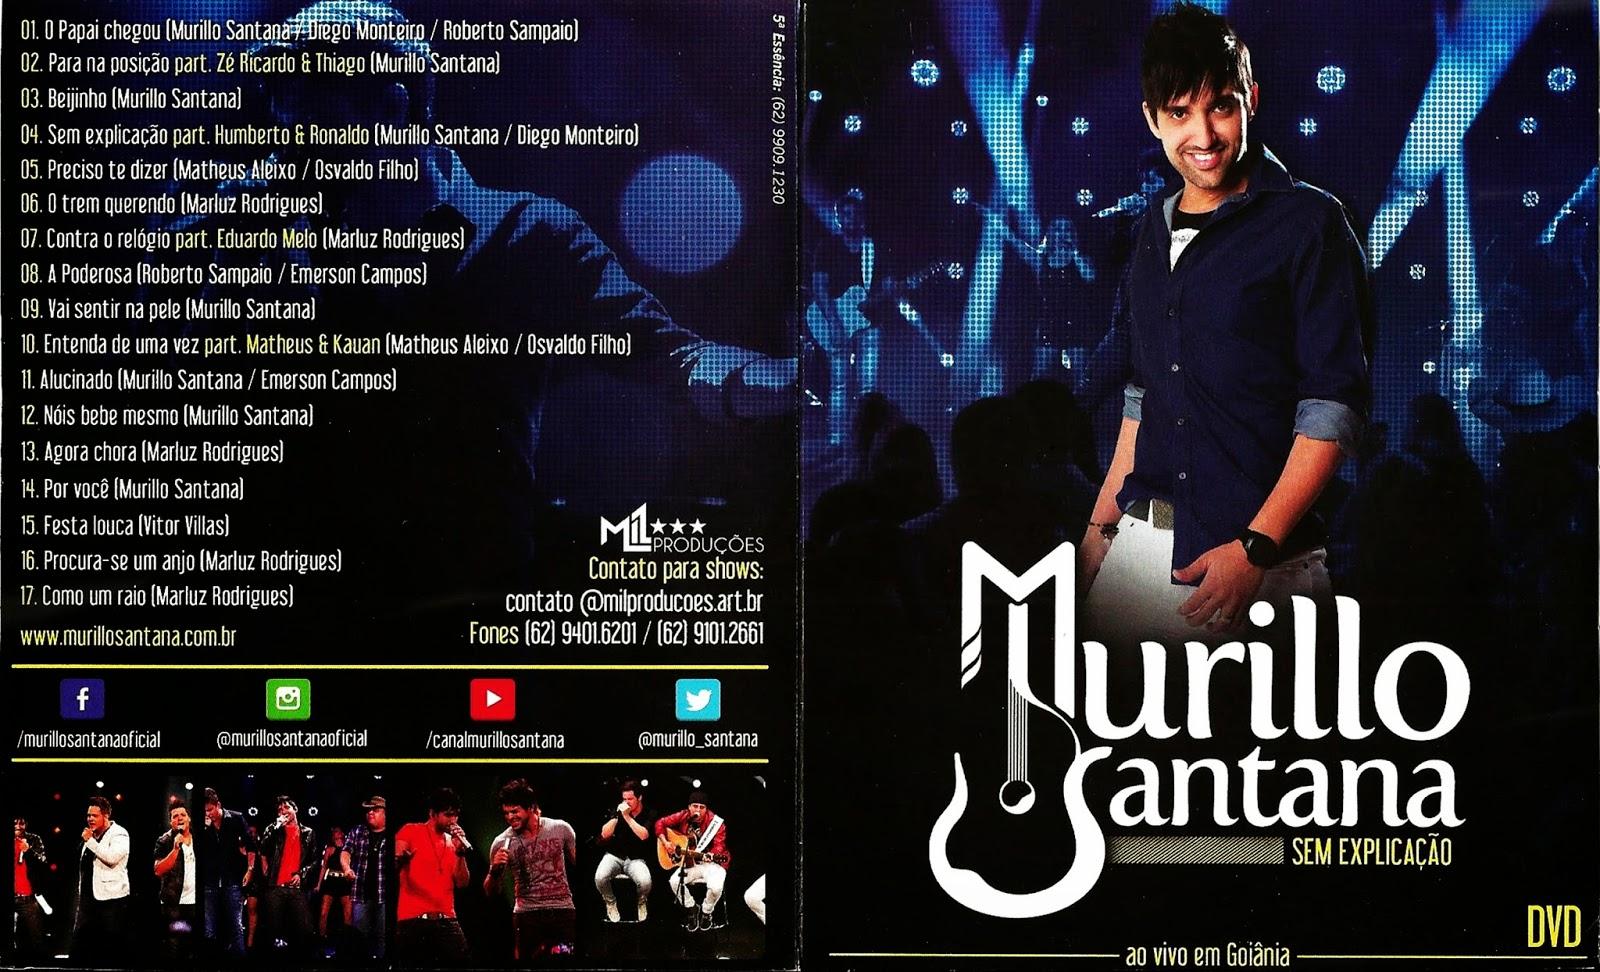 capa Download – Murillo Santana   Sem Explicação Ao Vivo em Goiania – DVDRip AVI + RMVB  ( 2014 )